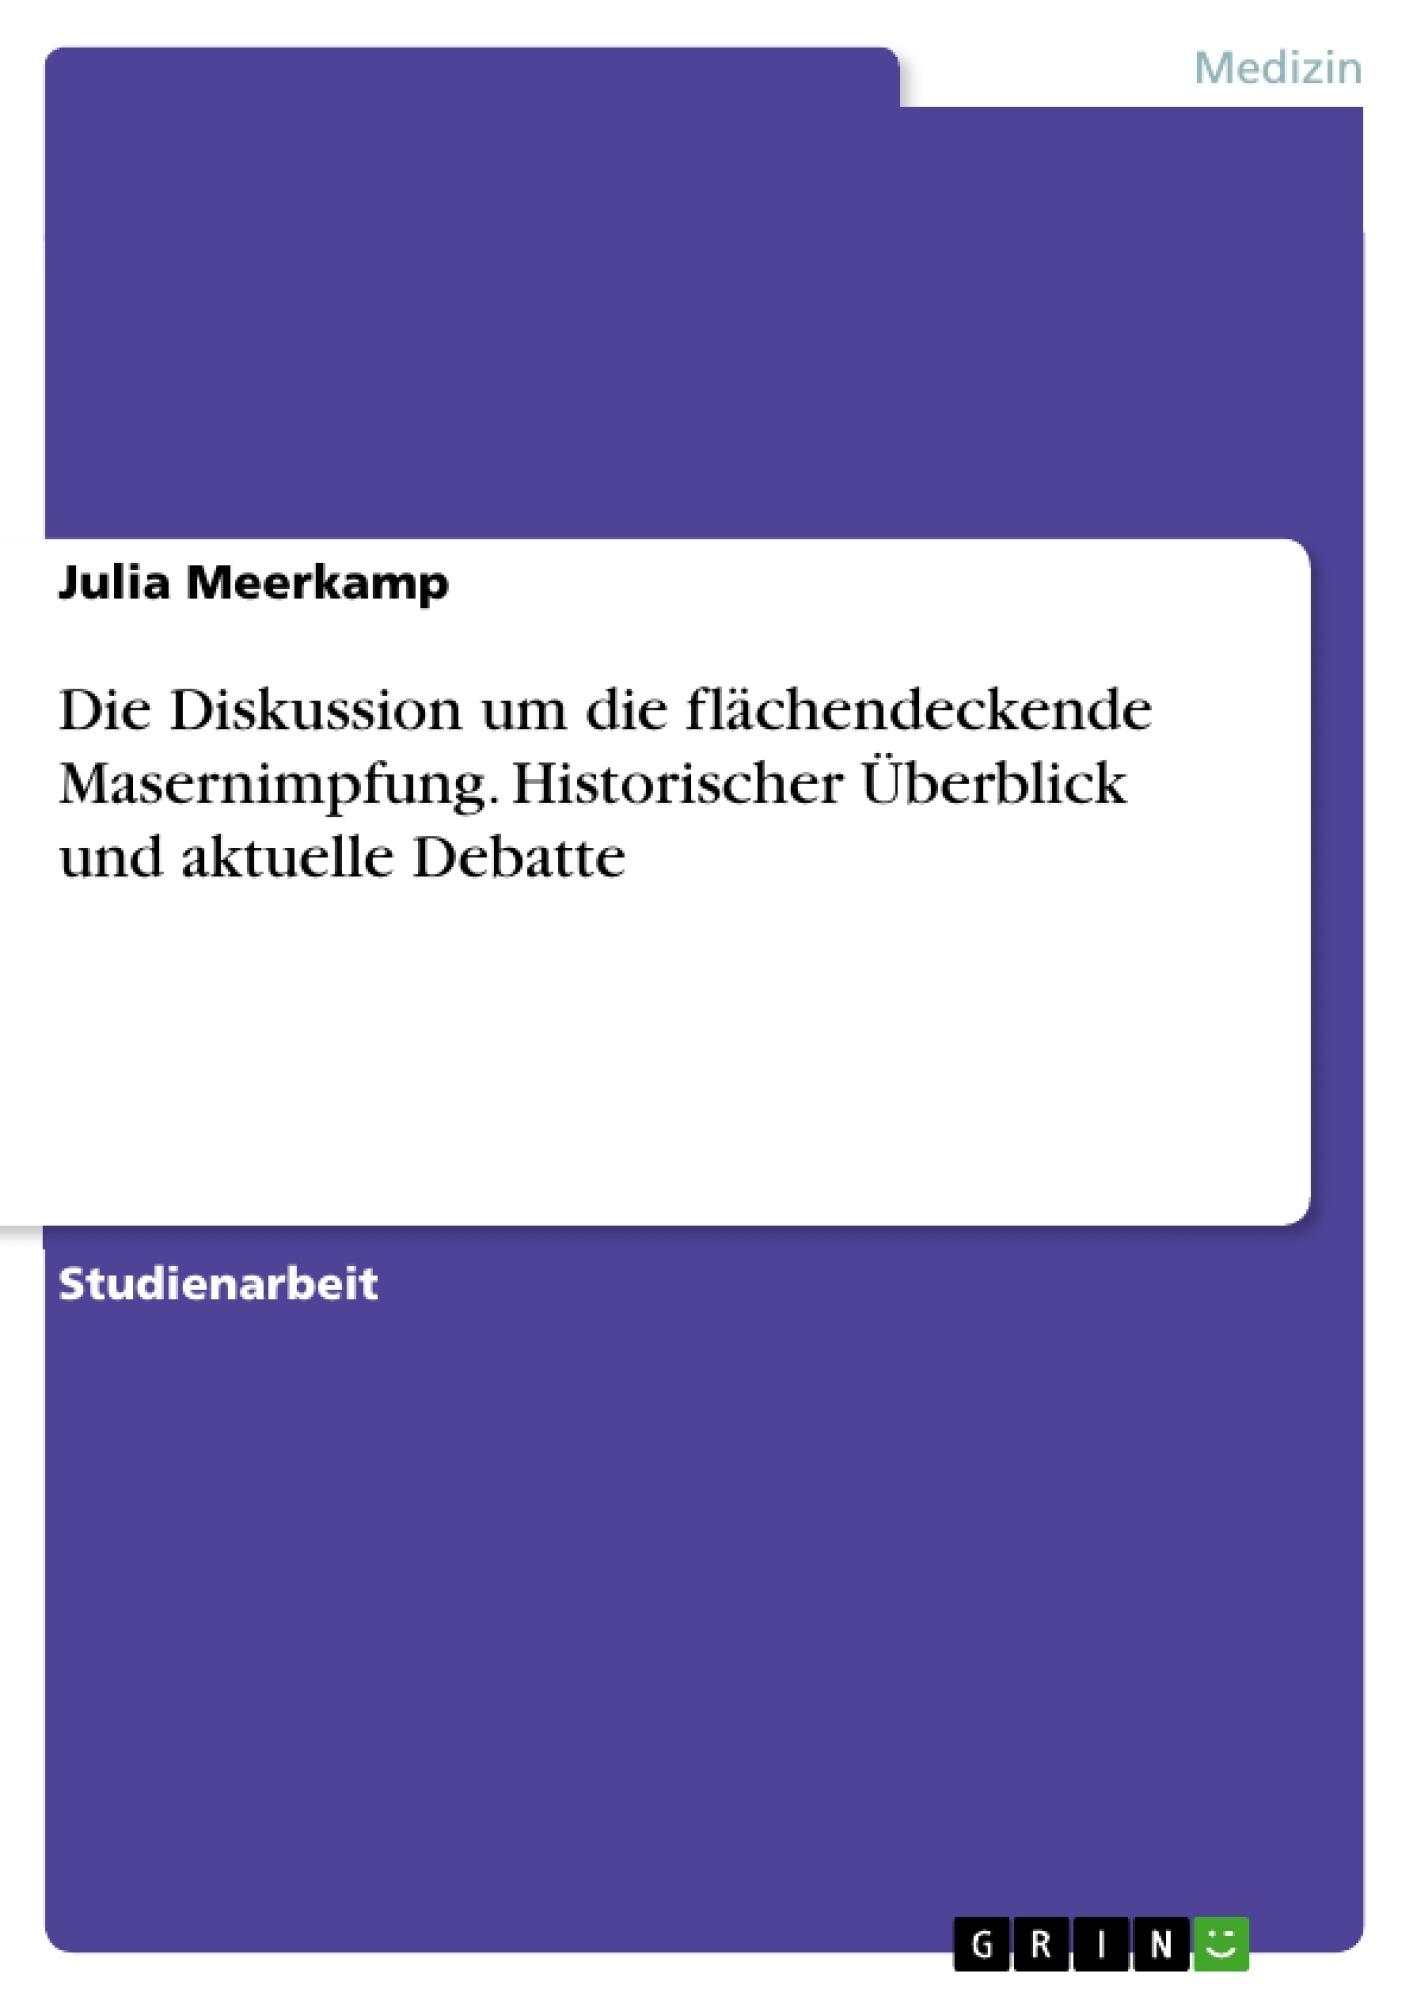 Titel: Die Diskussion um die flächendeckende Masernimpfung. Historischer Überblick und aktuelle Debatte